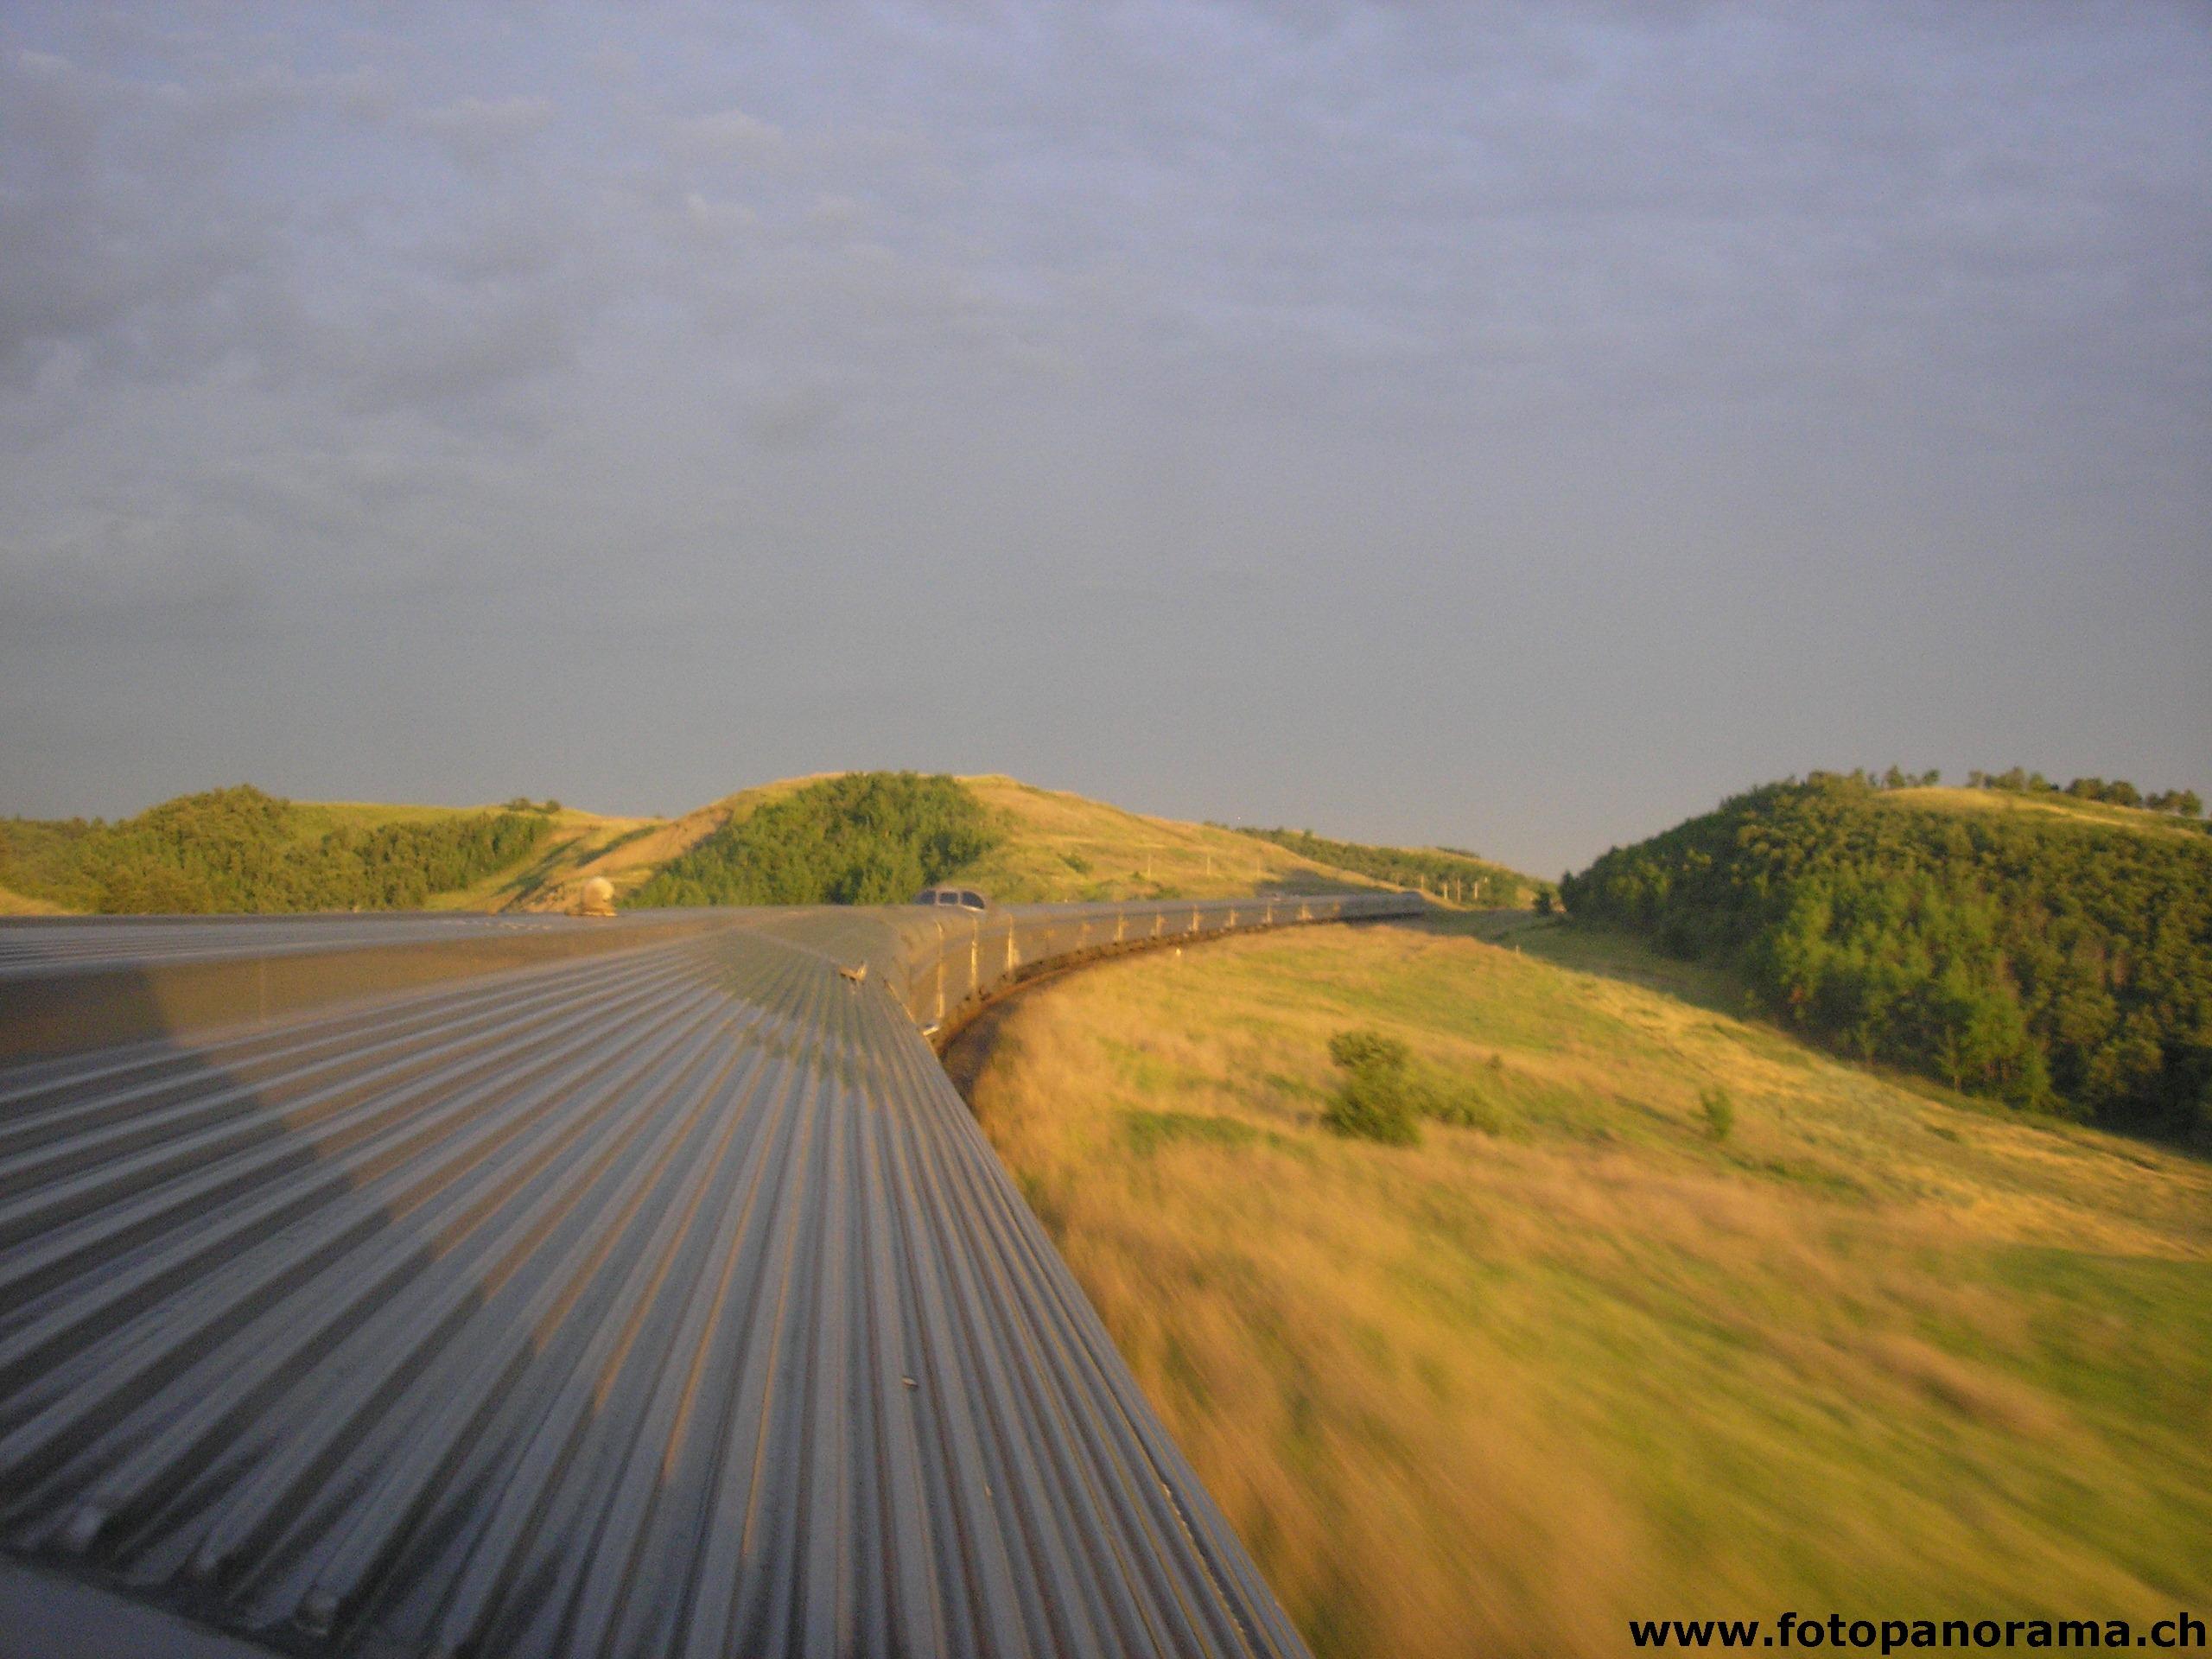 Il canadese di via rail nella prateria nordamericana